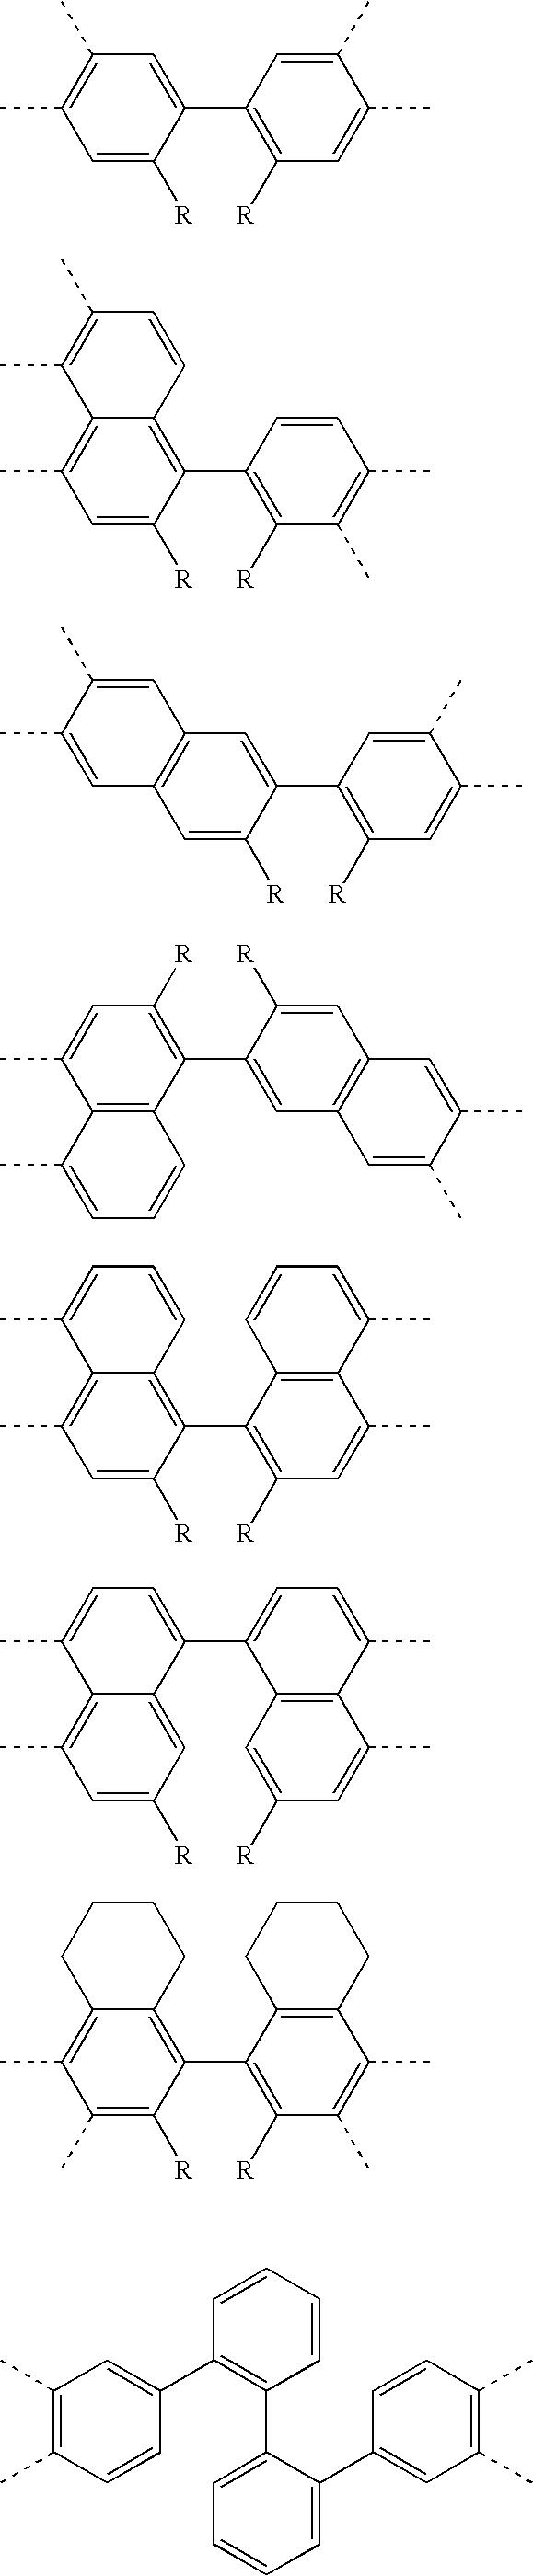 Figure US20100252819A1-20101007-C00041